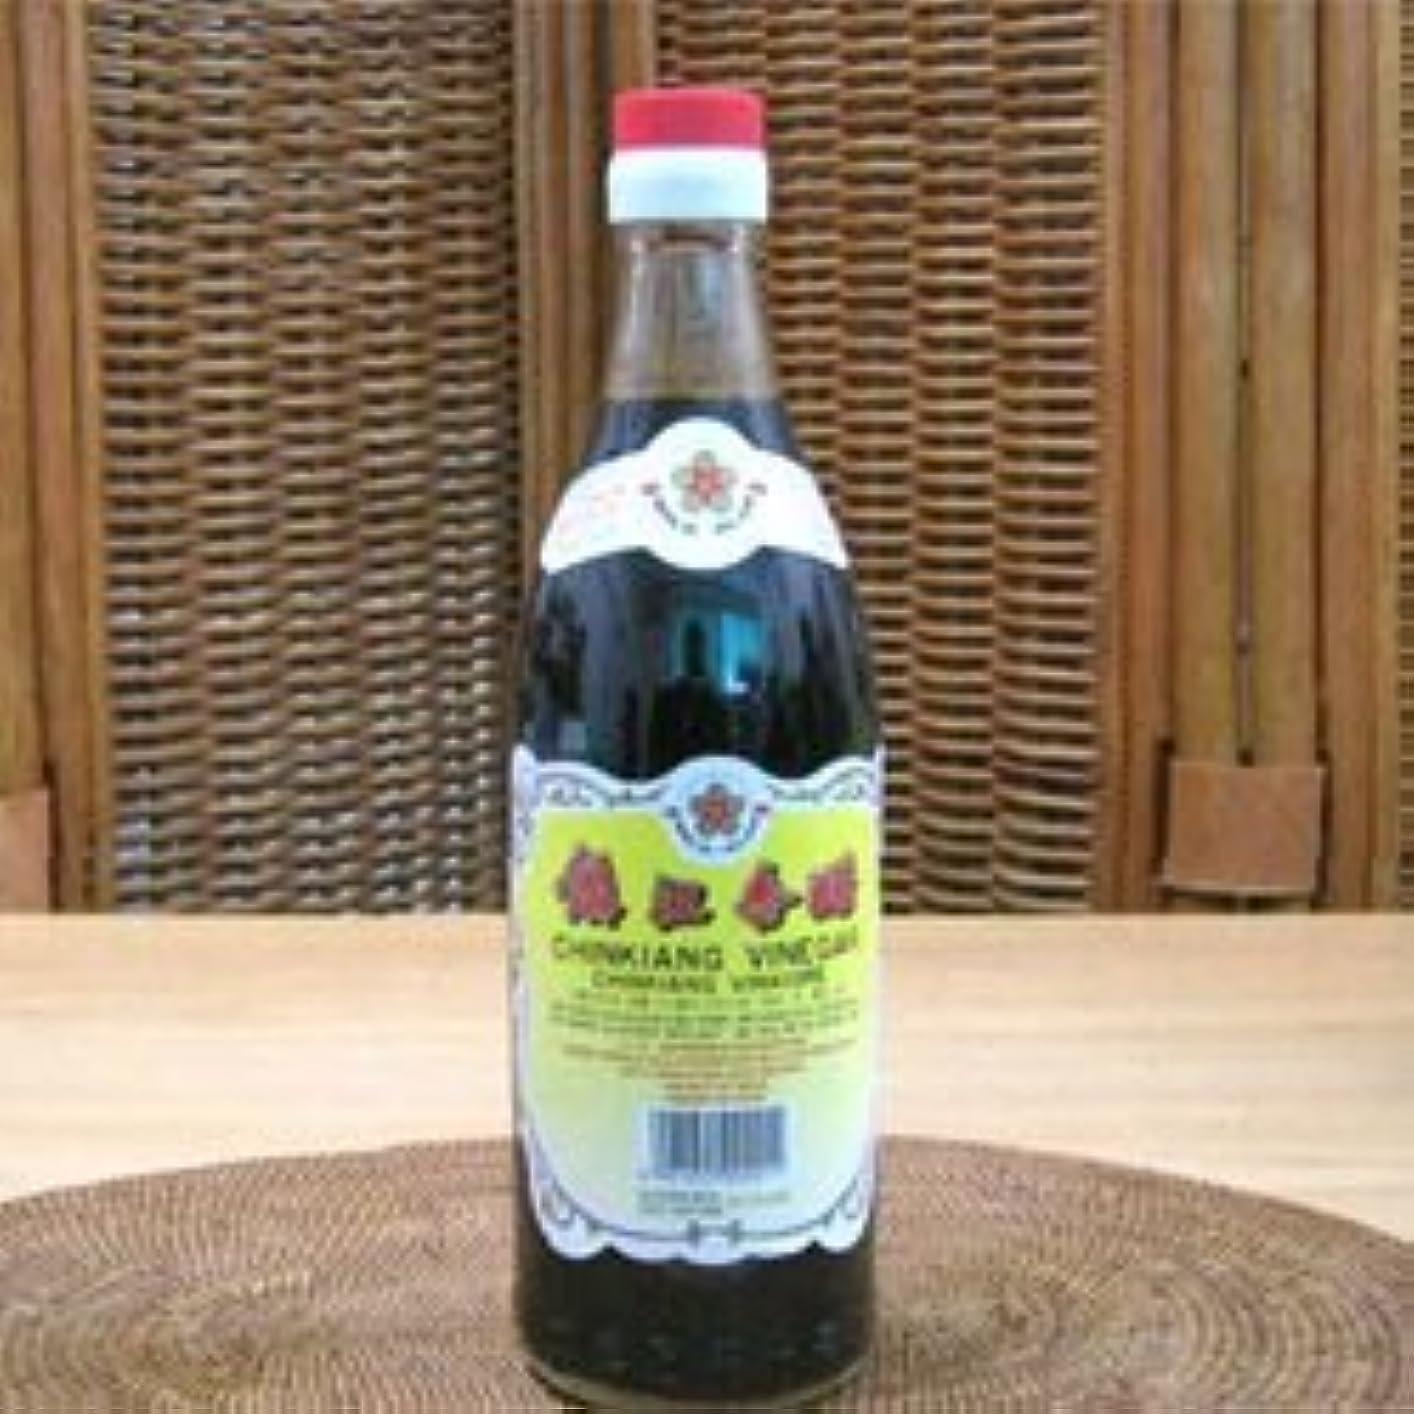 石膏意志タオル【まとめ買い】鎮江香酢(中国黒酢?瓶入)お徳用 600g×5本セット